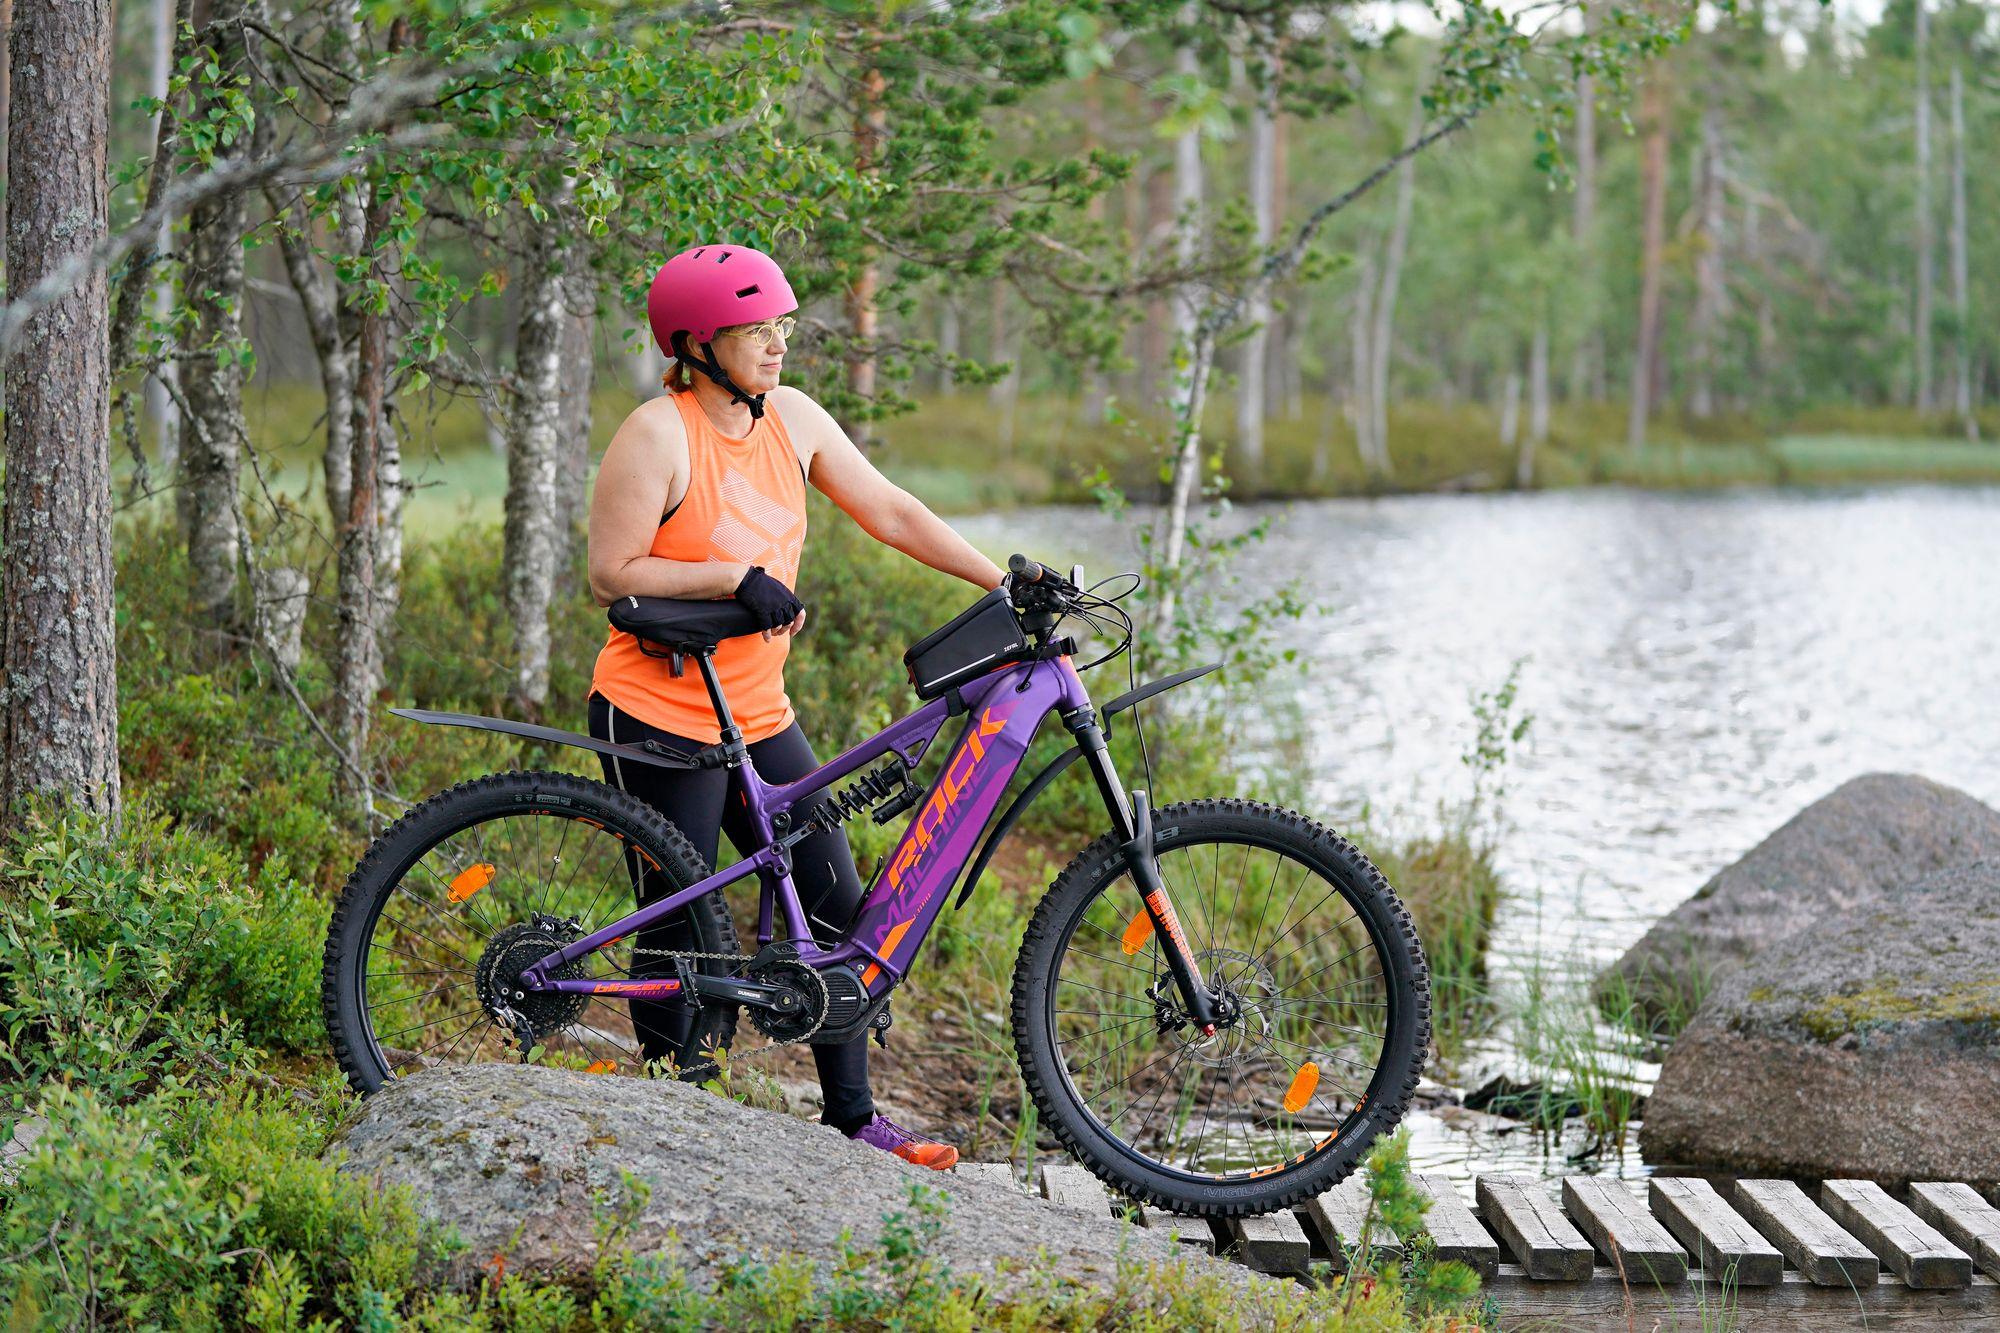 Tämän retken yksi hieno luontokohde oli Spitaalijärvi Lauhanvuoren kansallispuistossa, josta löytyy 35 kilometrin pituinen Geobike-maastopyöräreitti. © Timo Aalto